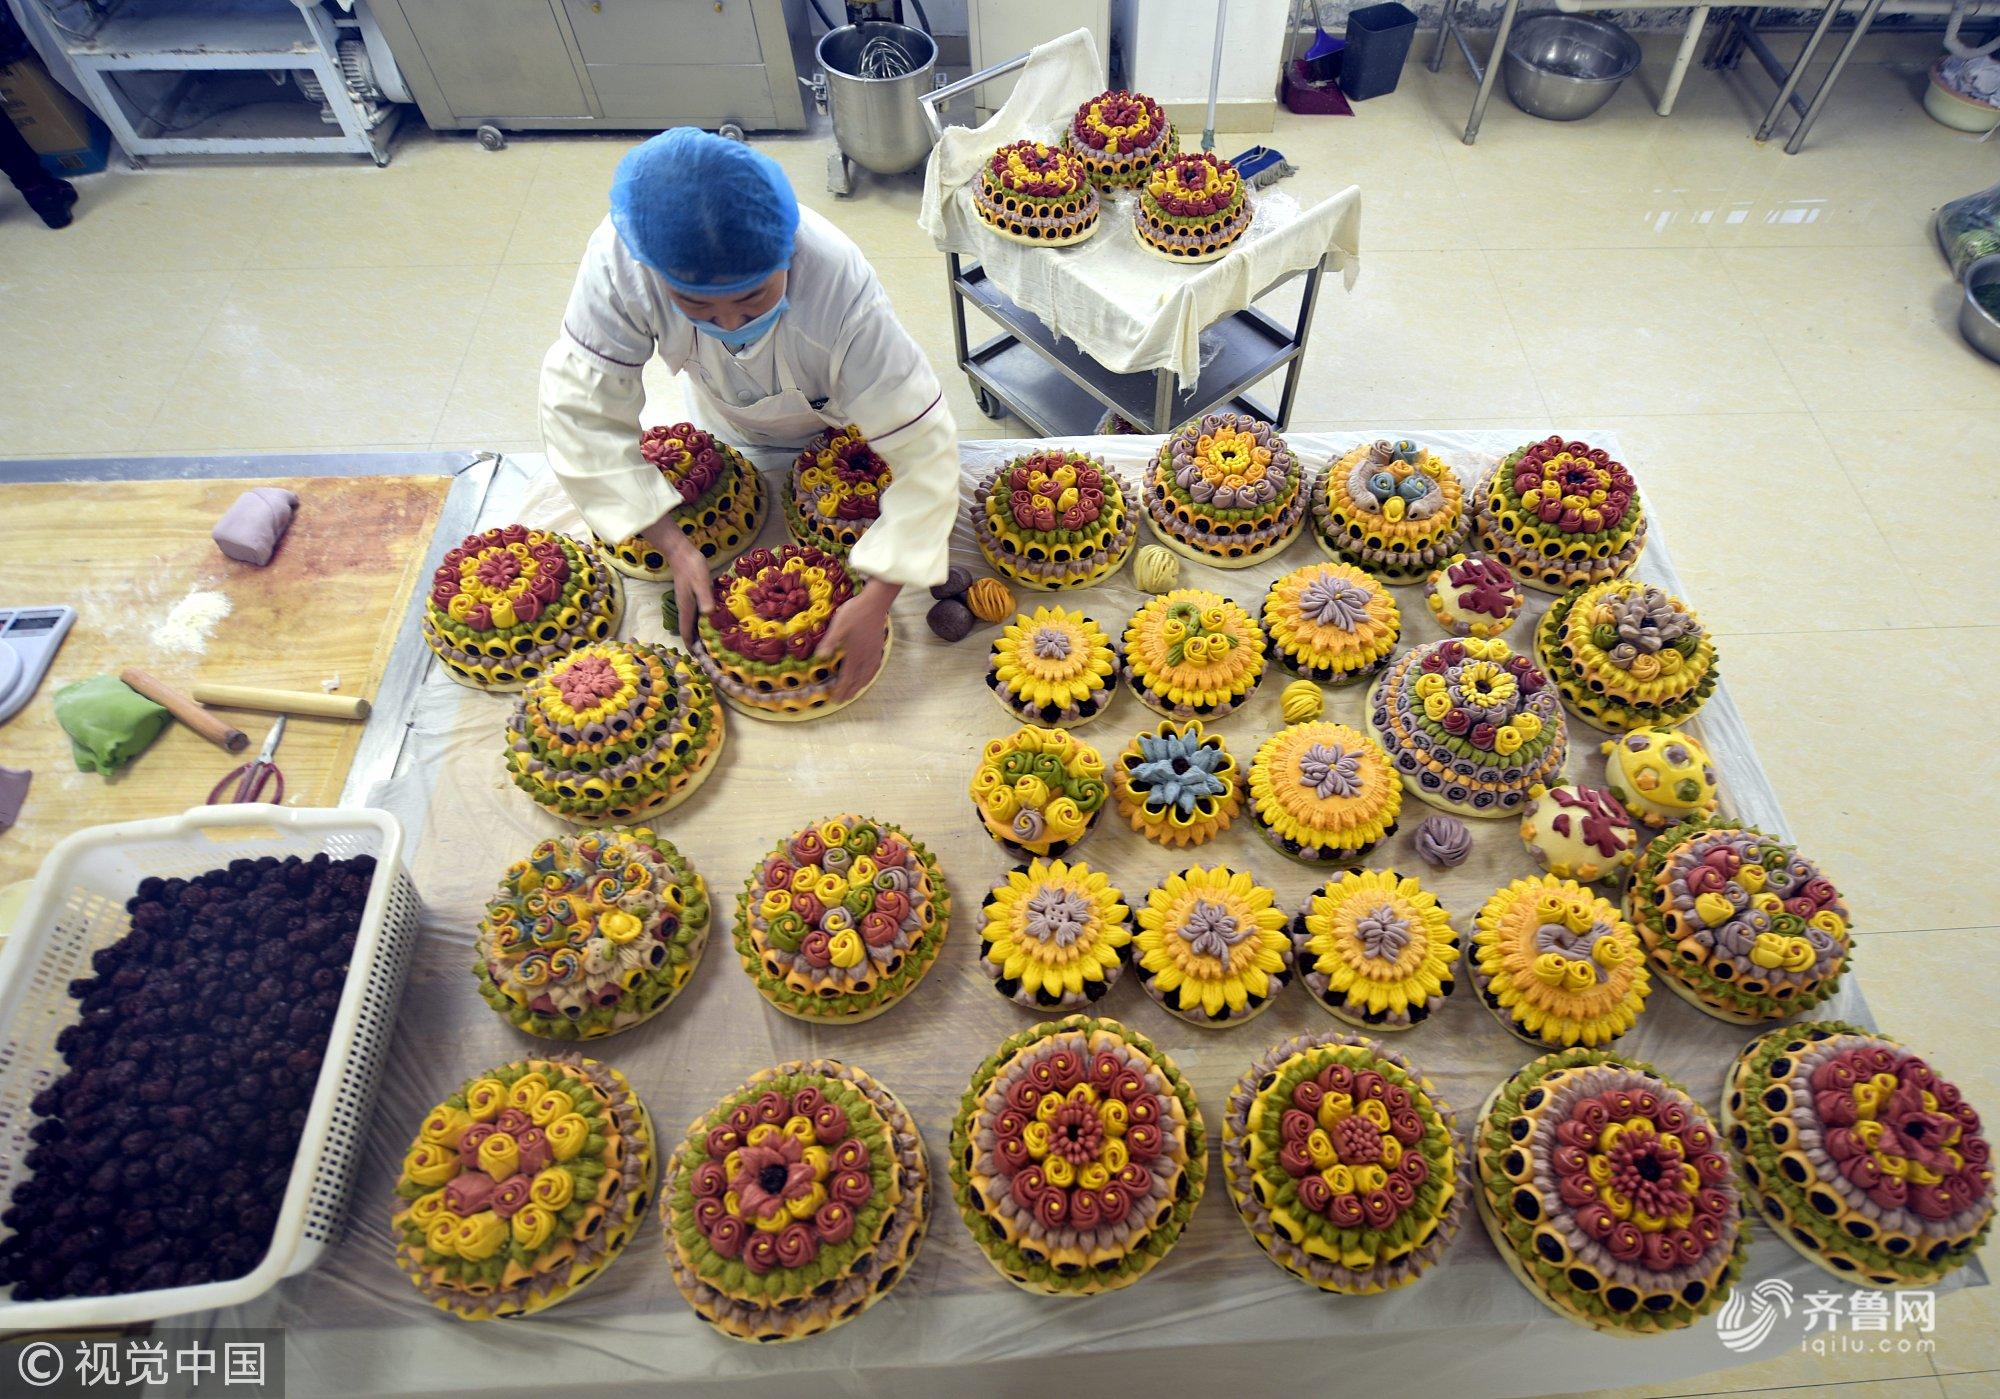 造型生动色彩鲜艳 聊城多彩花糕尝一下